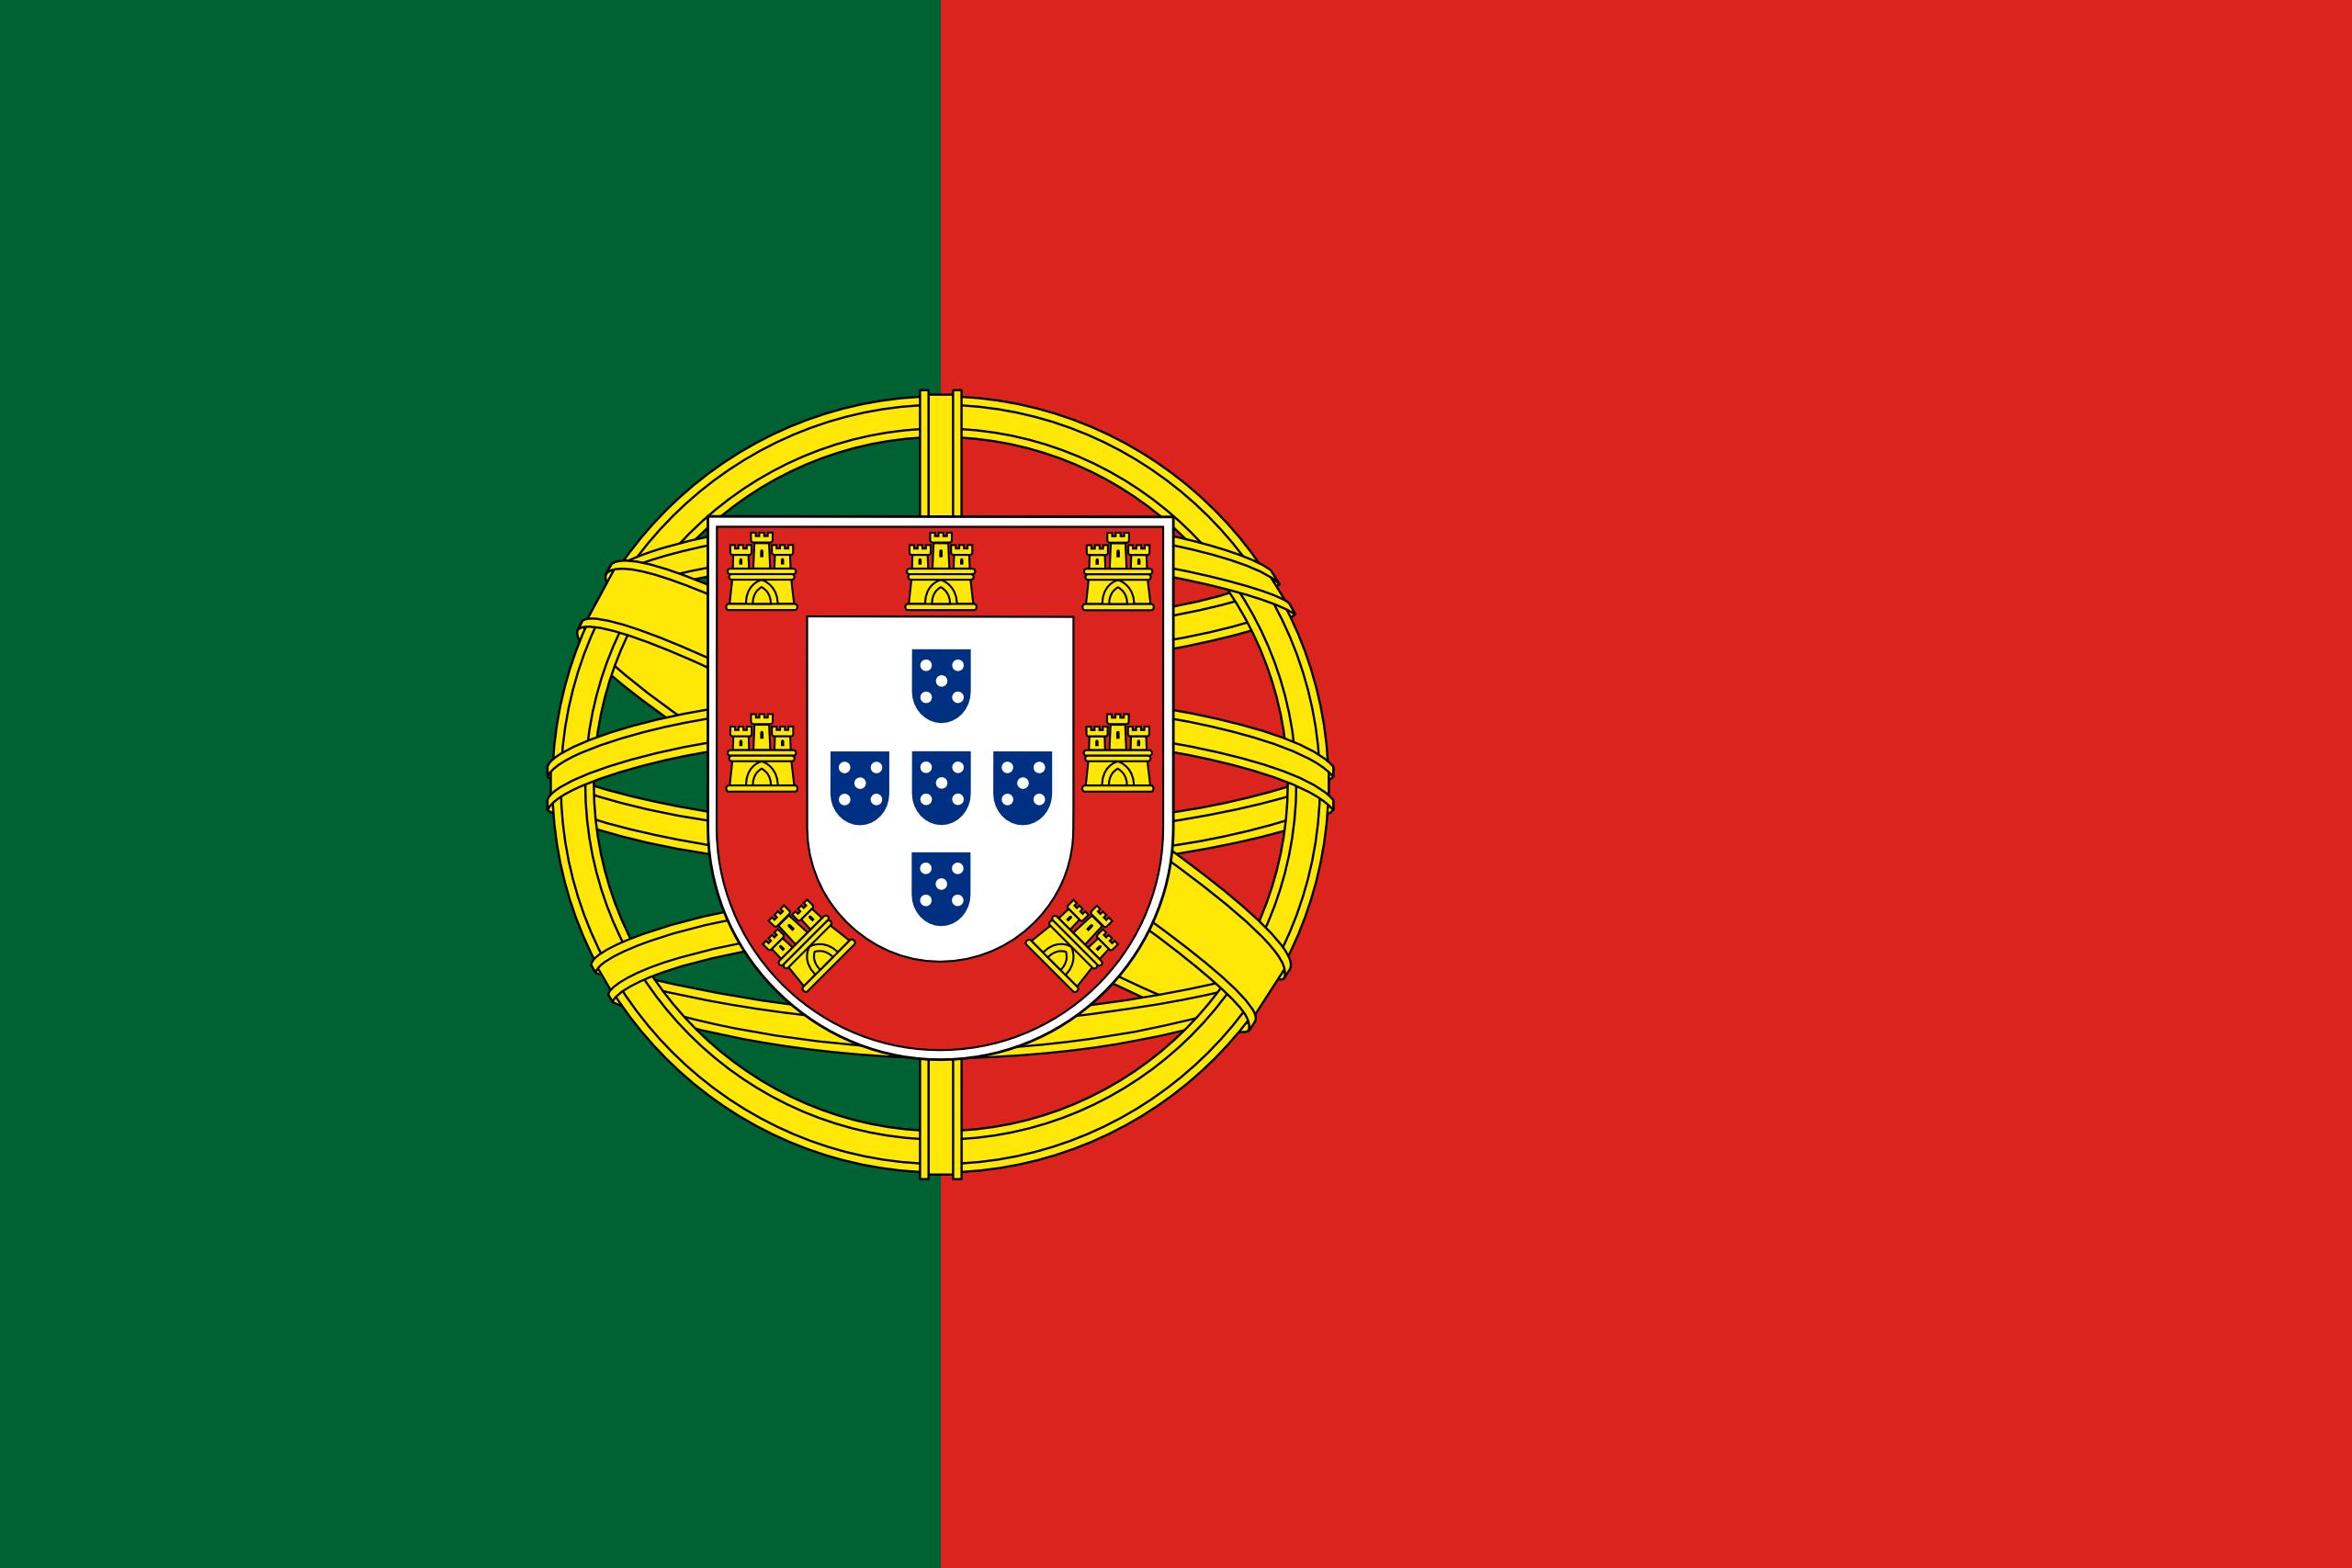 portugal, país, emblema, insignia, símbolo - Fondos de Pantalla HD - professor-falken.com